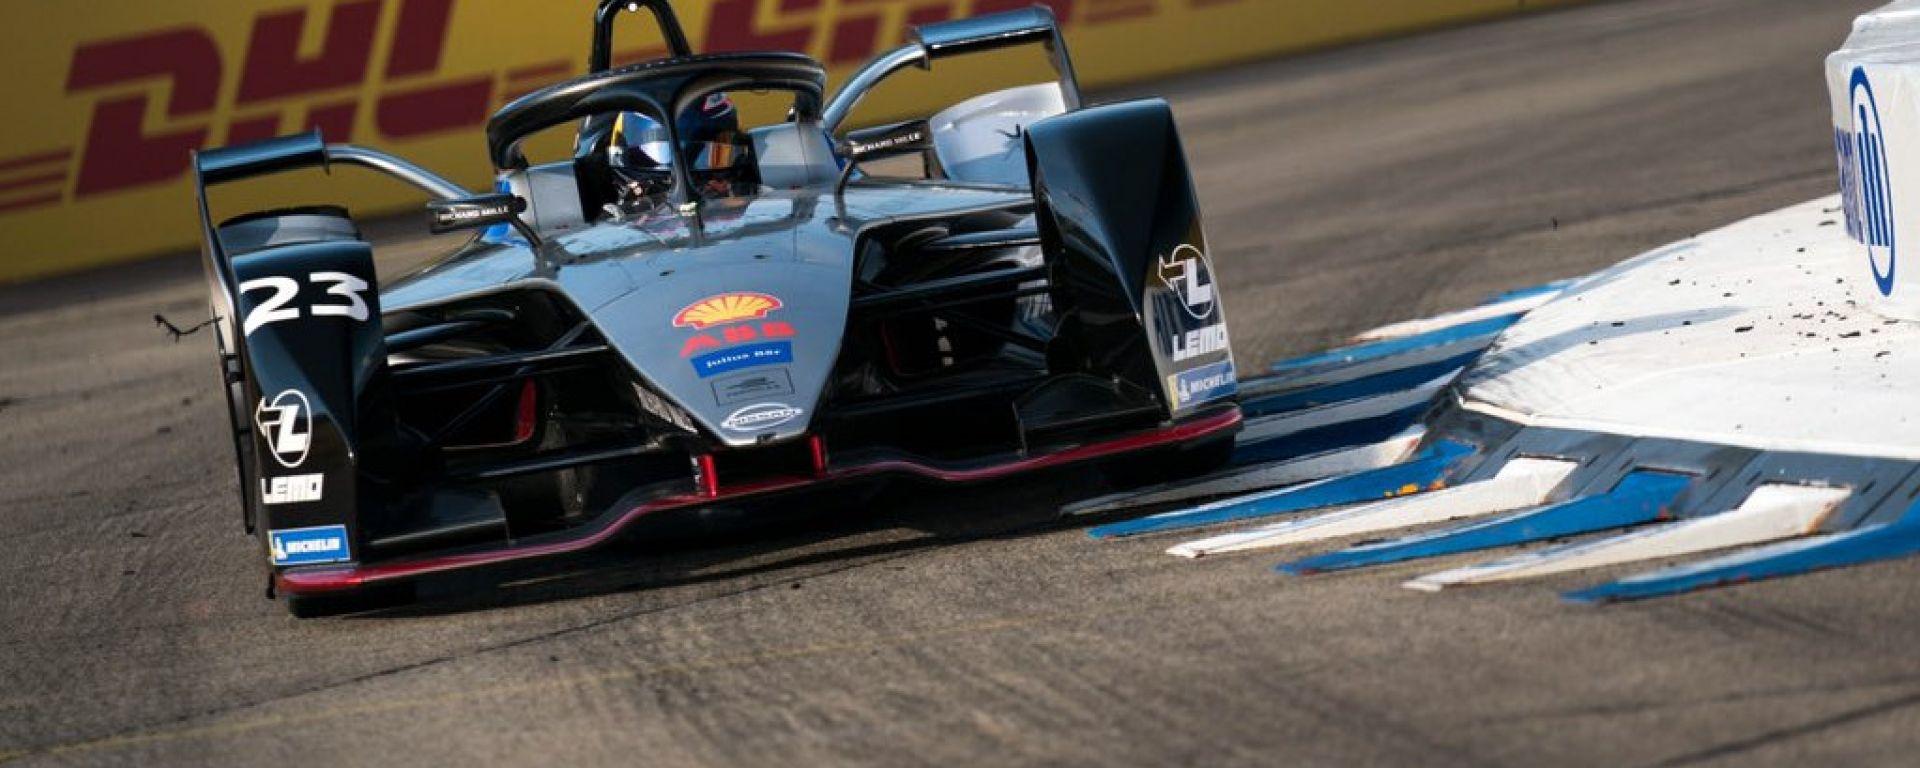 Sebastian Buemi è il poleman dell'ePrix di Berlino